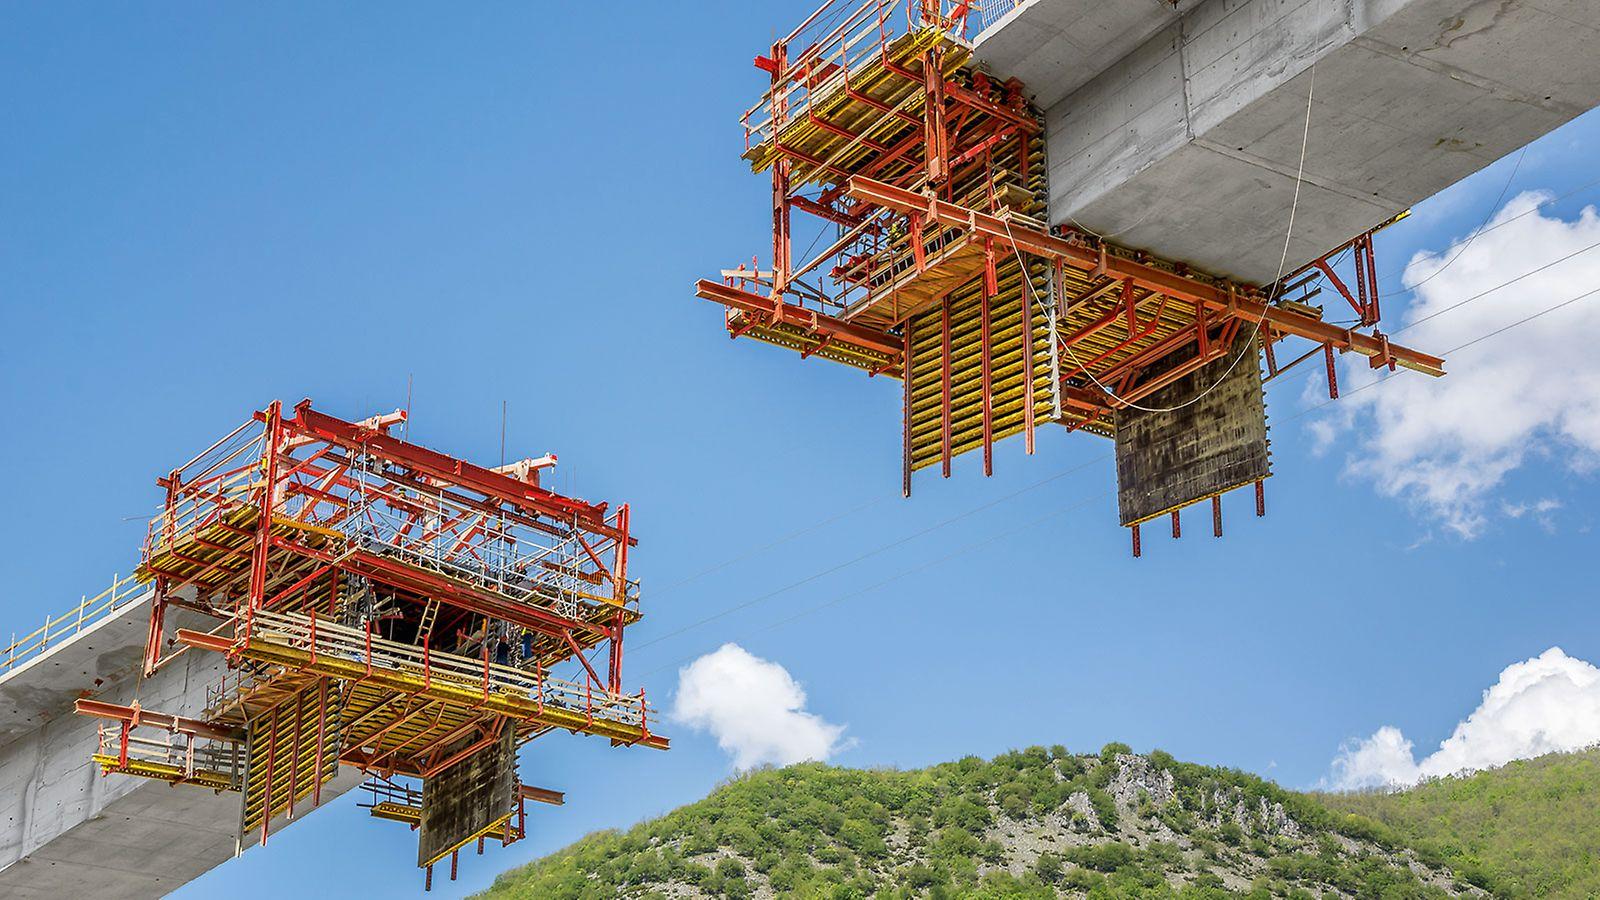 Linker, rechter und mittlerer Abschnitt des Brückenüberbaus wurden jeweils in 64 Betonierabschnitte unterteilt und mit insgesamt vier VBC Freivorbaugeräten gleichzeitig ausgführt.